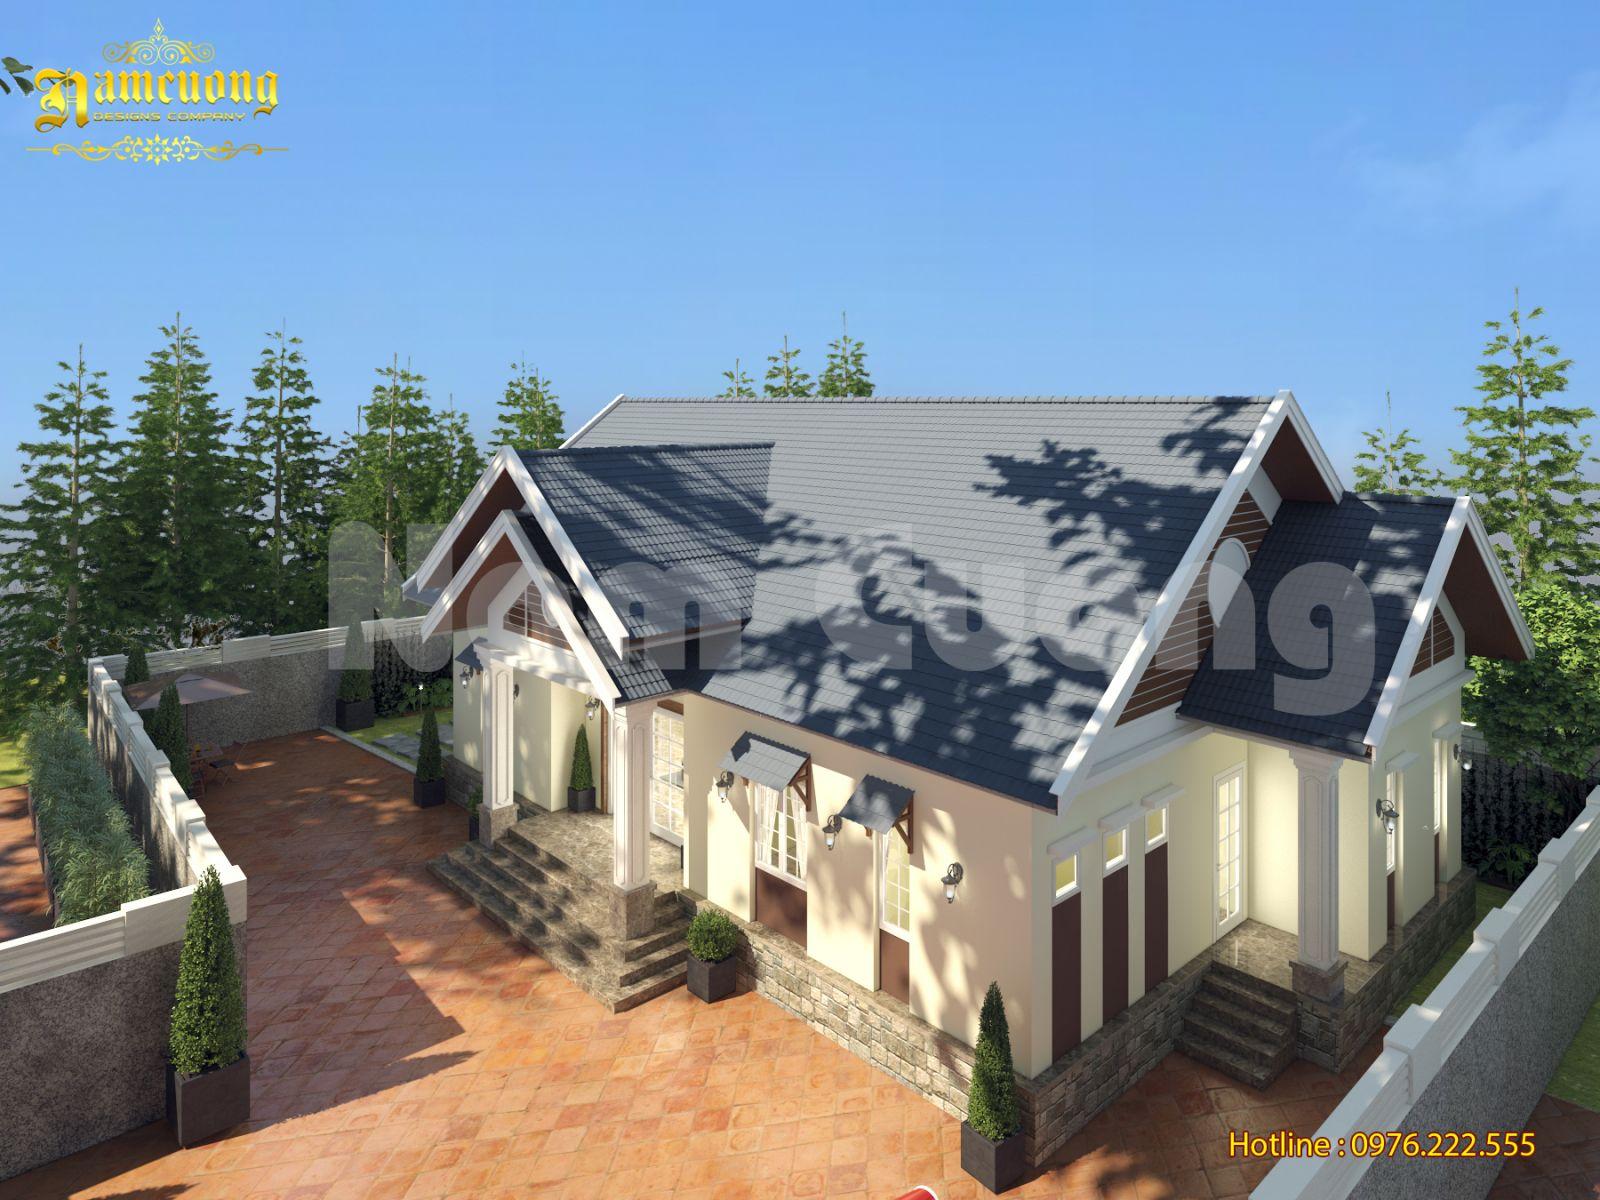 Thiết kế nhà đẹp đúng phong thủy - Thiết kế nhà theo phong thủy 2019